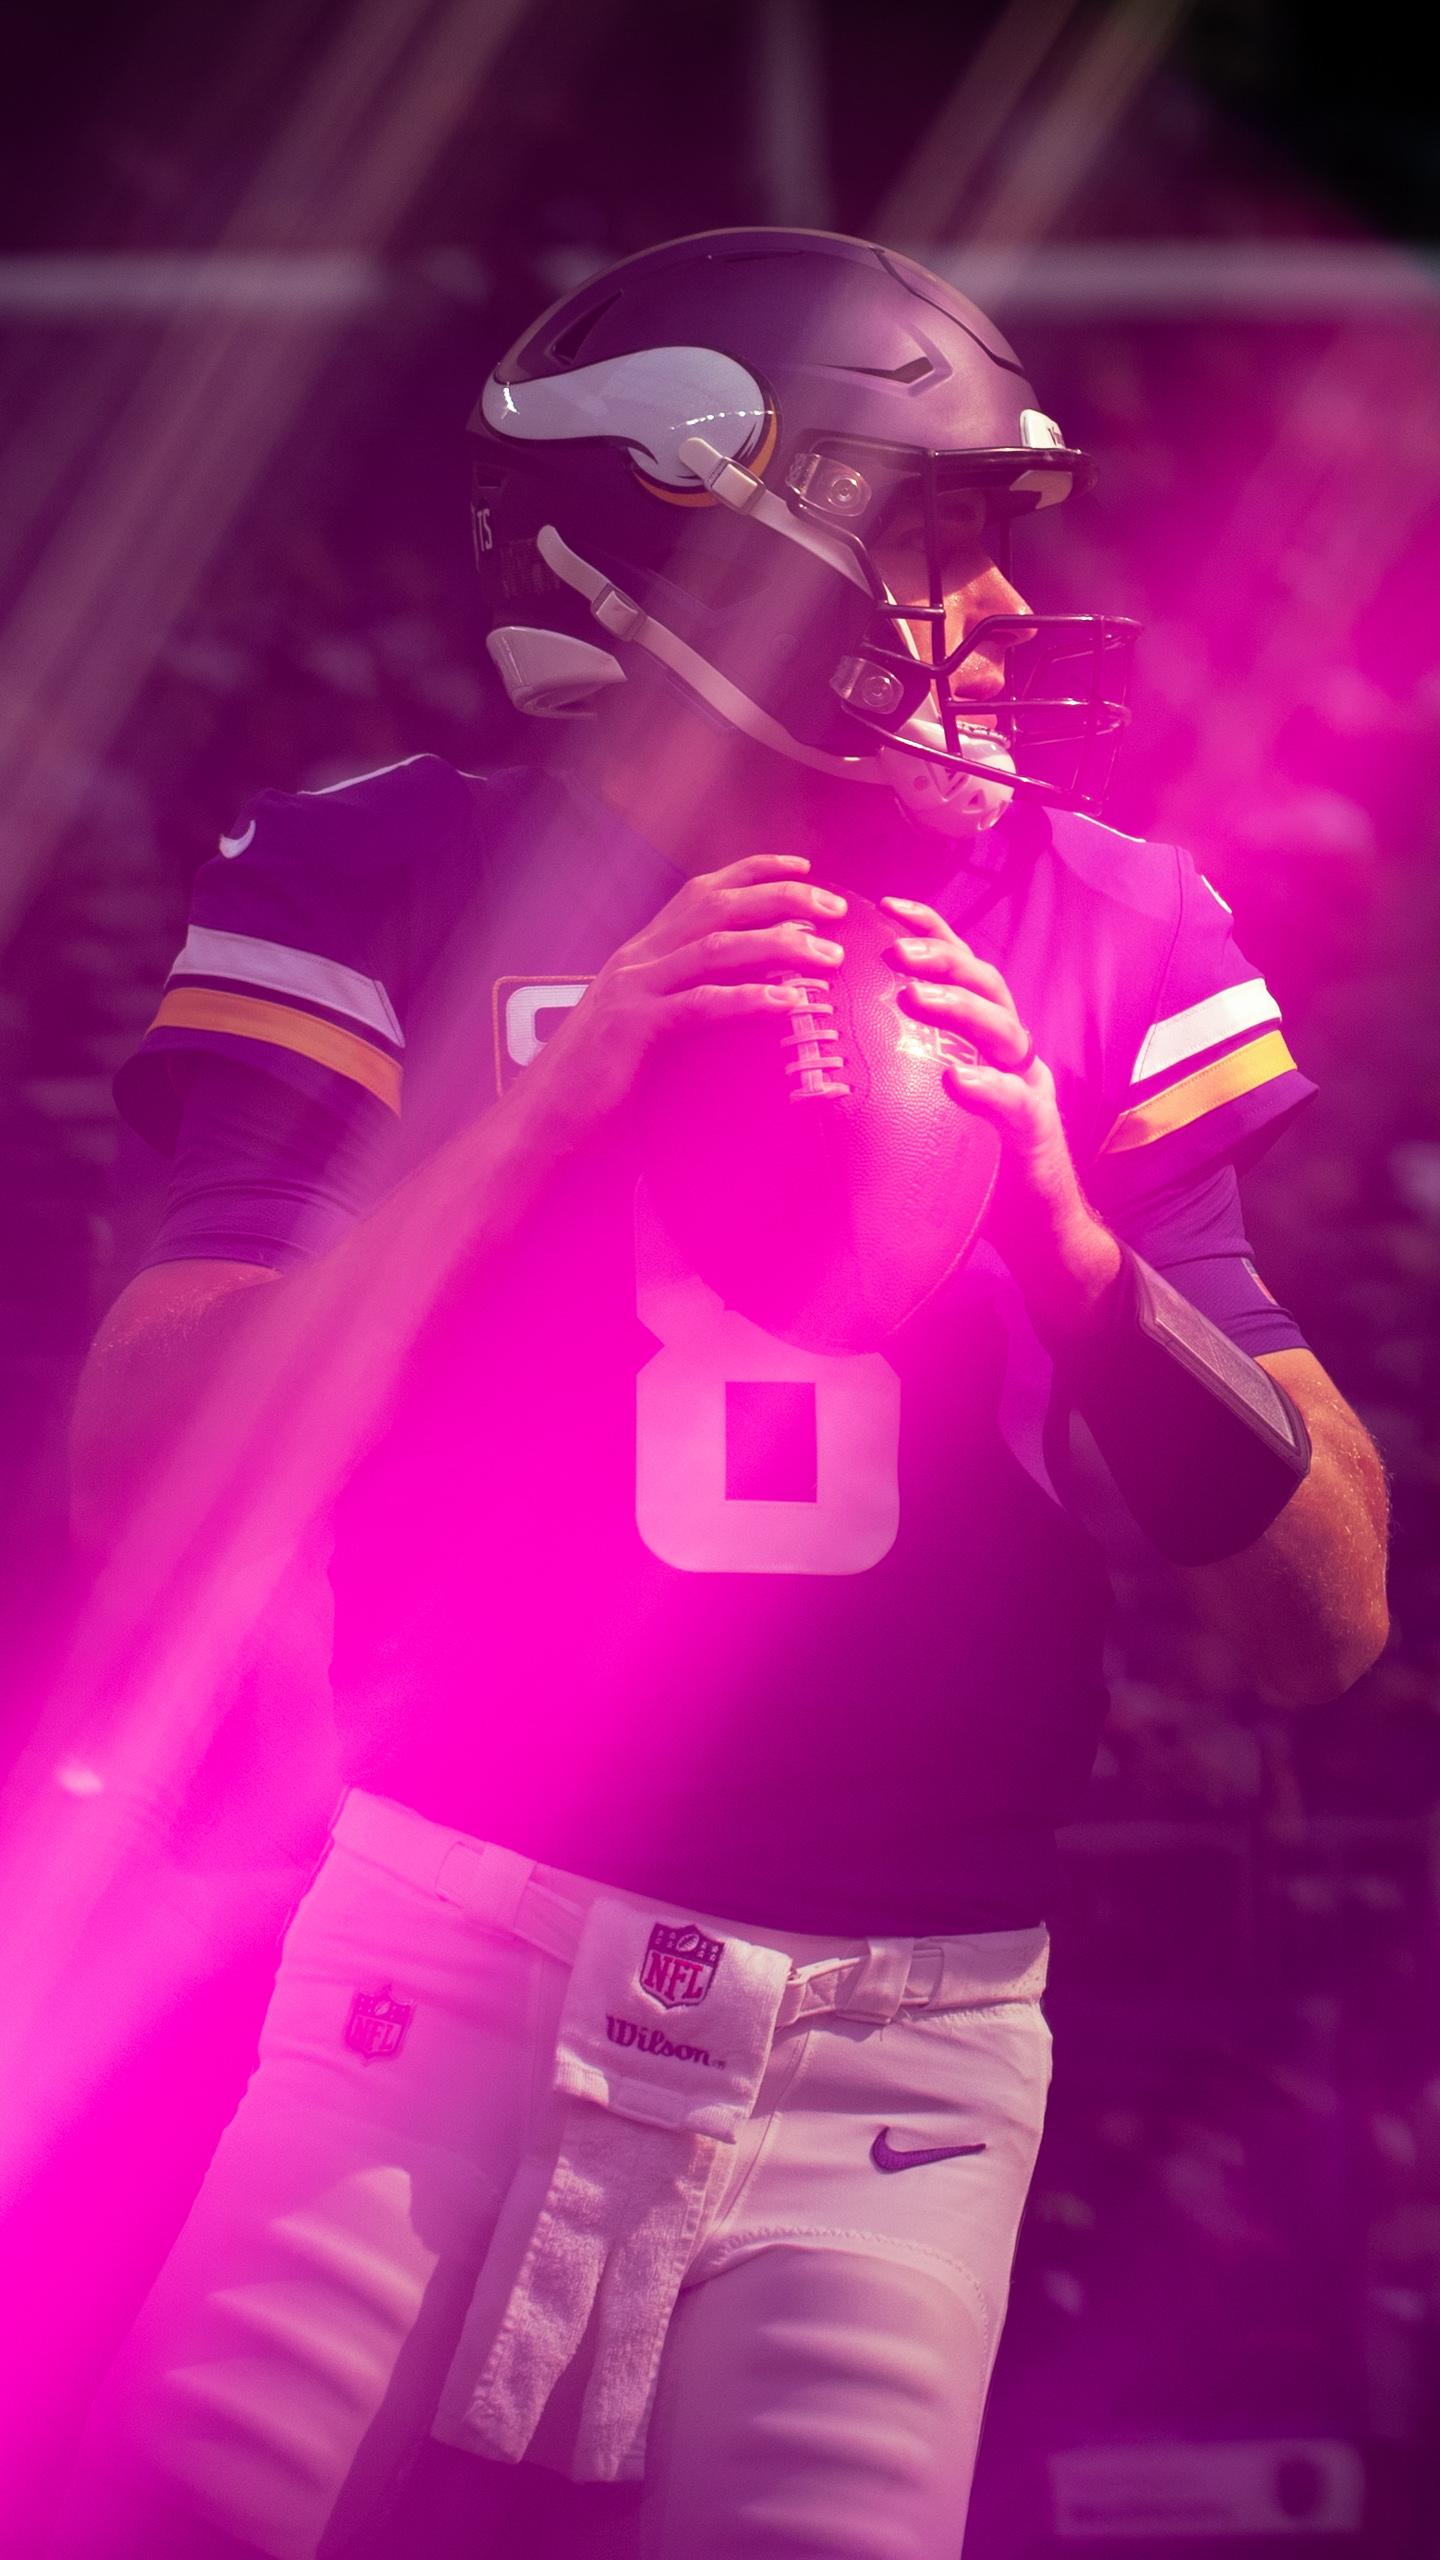 Mobile Wallpaper Official Website Of The Minnesota Vikings